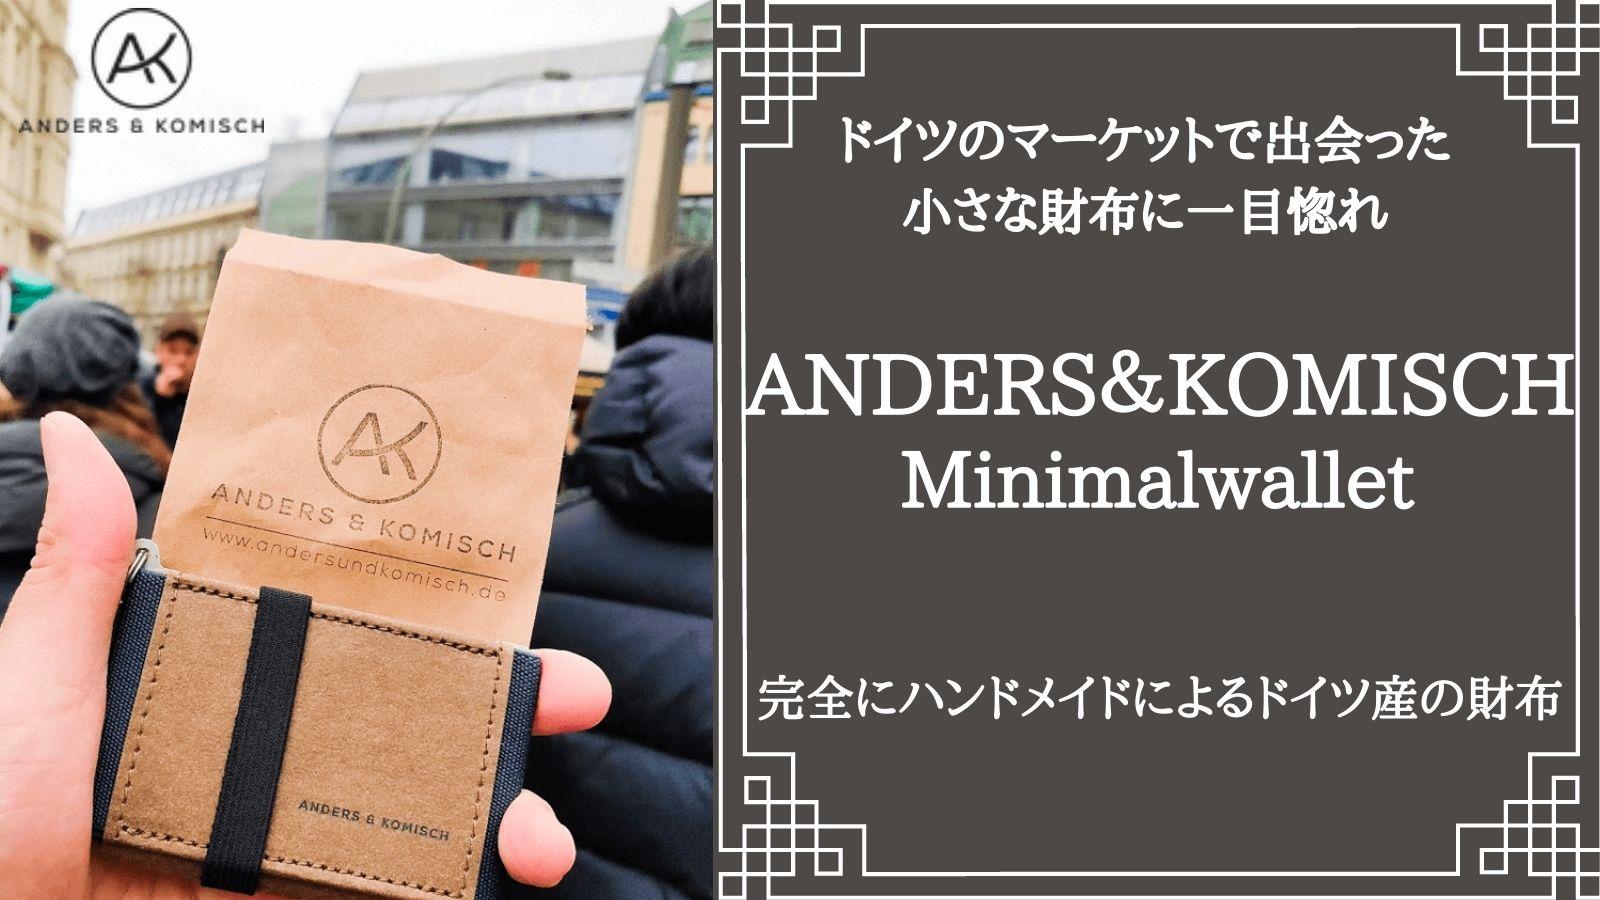 8月13日!クラウドファンディングサイト(マクアケ)にてプロジェクトスタート    ドイツのマーケットで出会った!ビーガンレザーの小さなミニマル財布財布に一目惚れ!